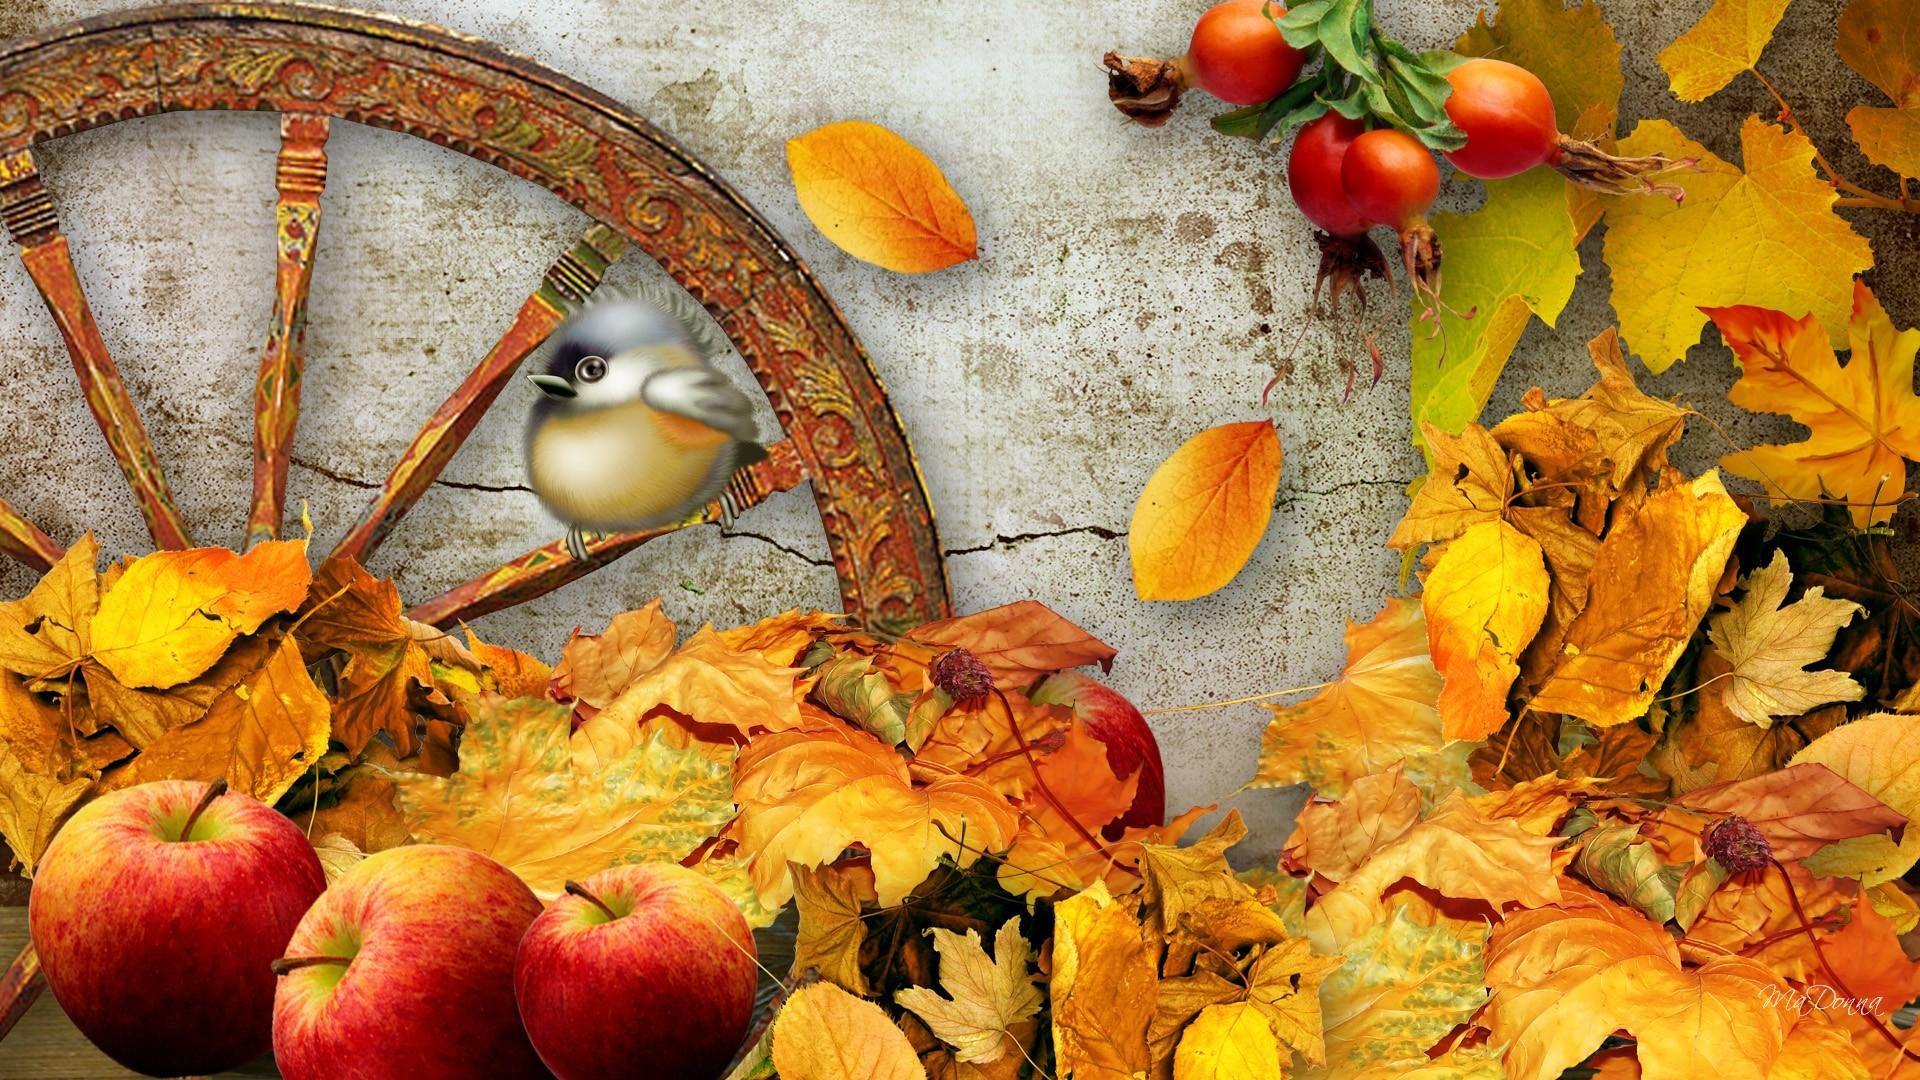 Fall Harvest Wallpaper Mobile